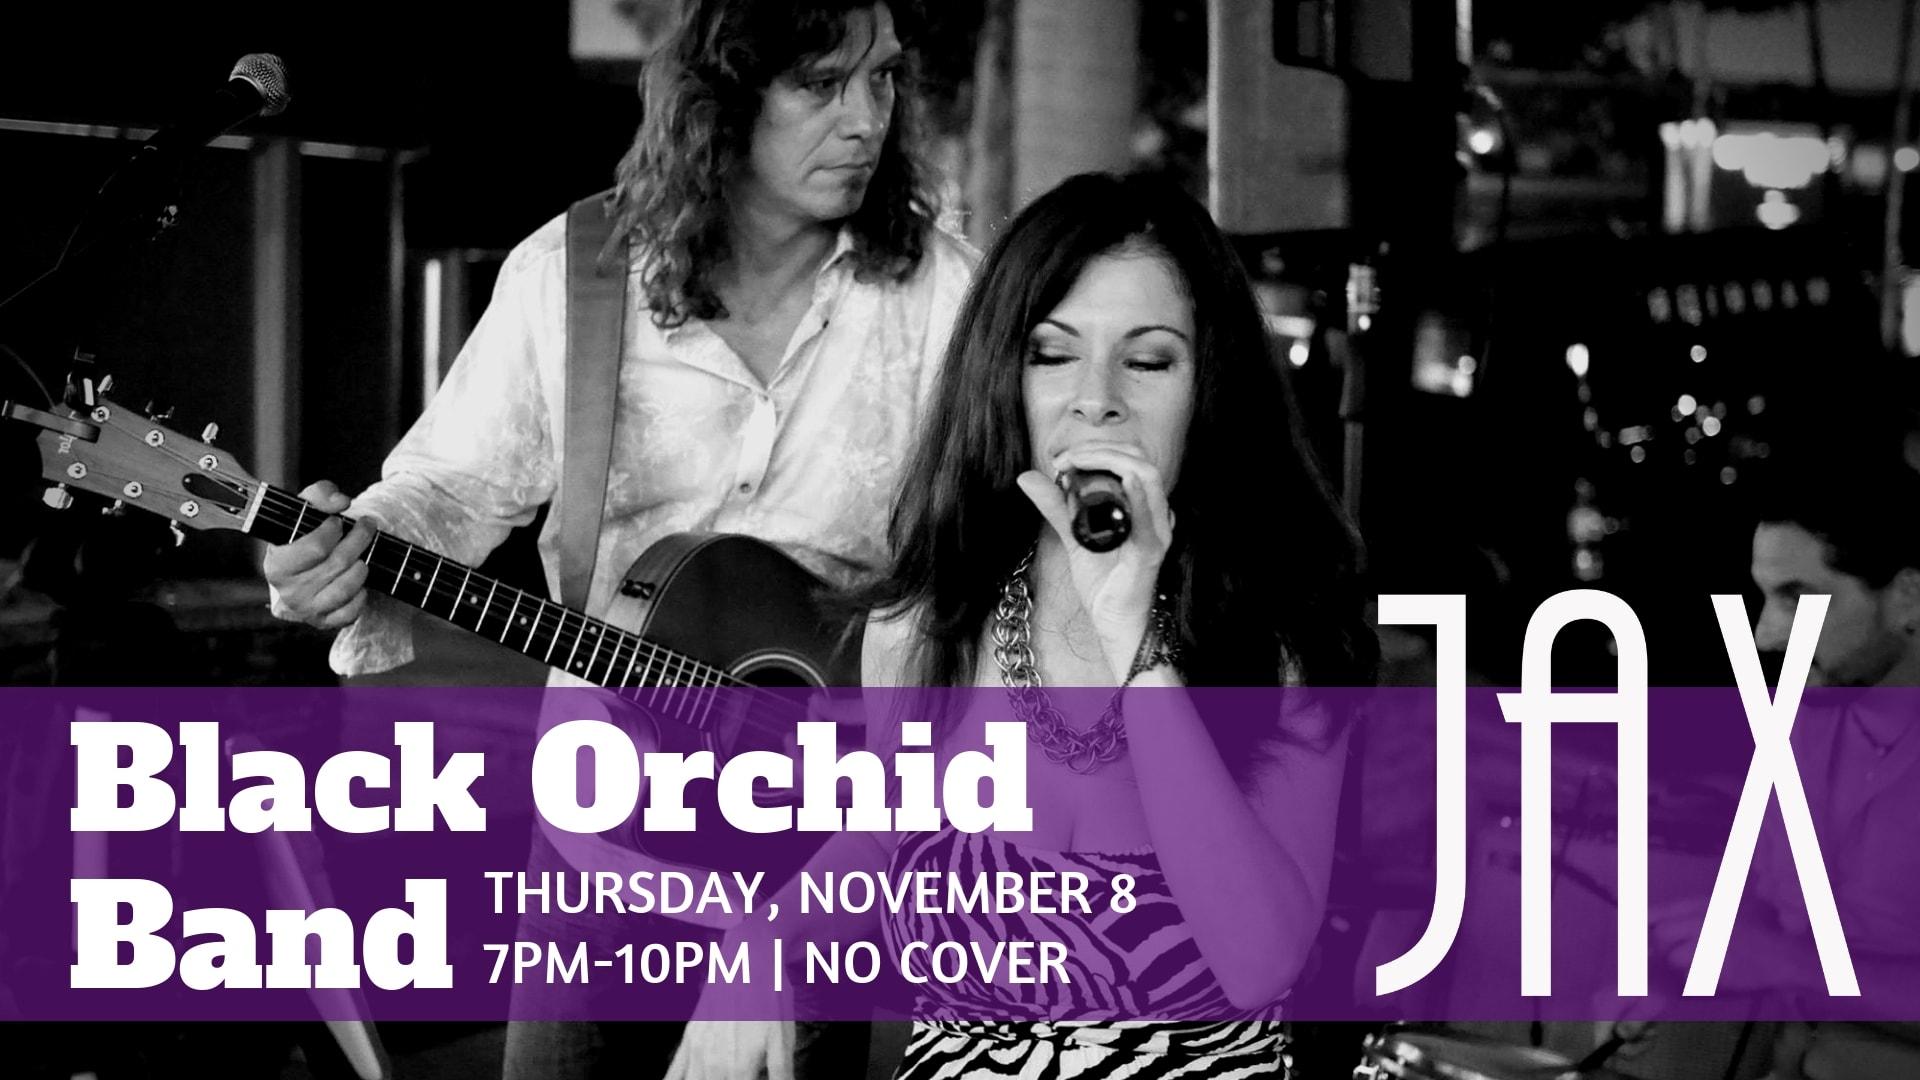 November 8 | BLACK ORCHID BAND